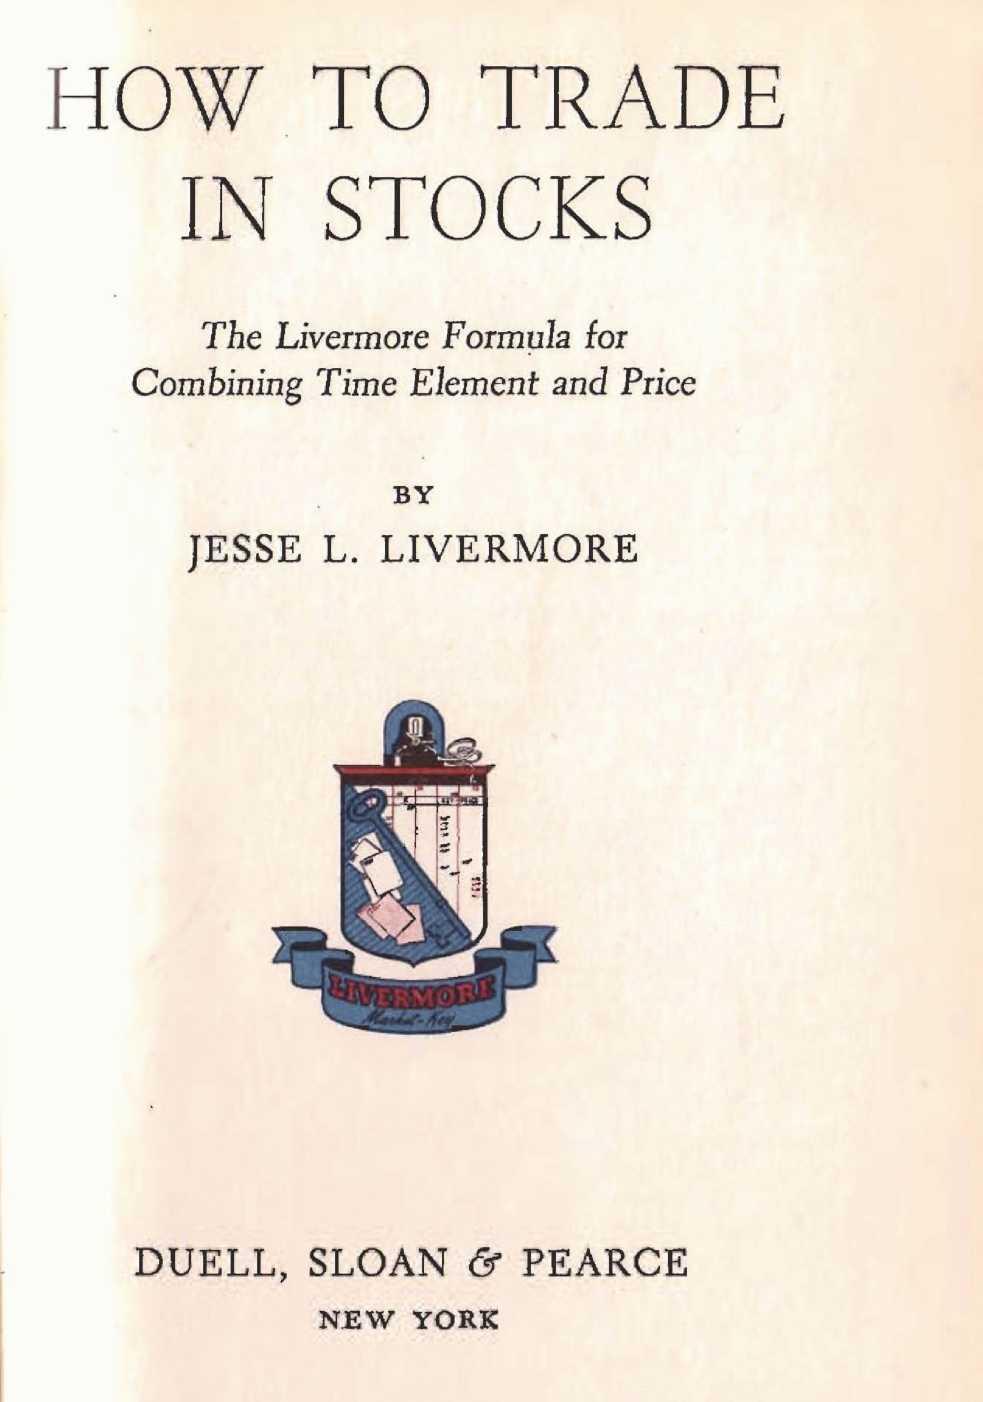 Как торговать акциями. Формула Ливермора для комбинирования элемента времени и цены